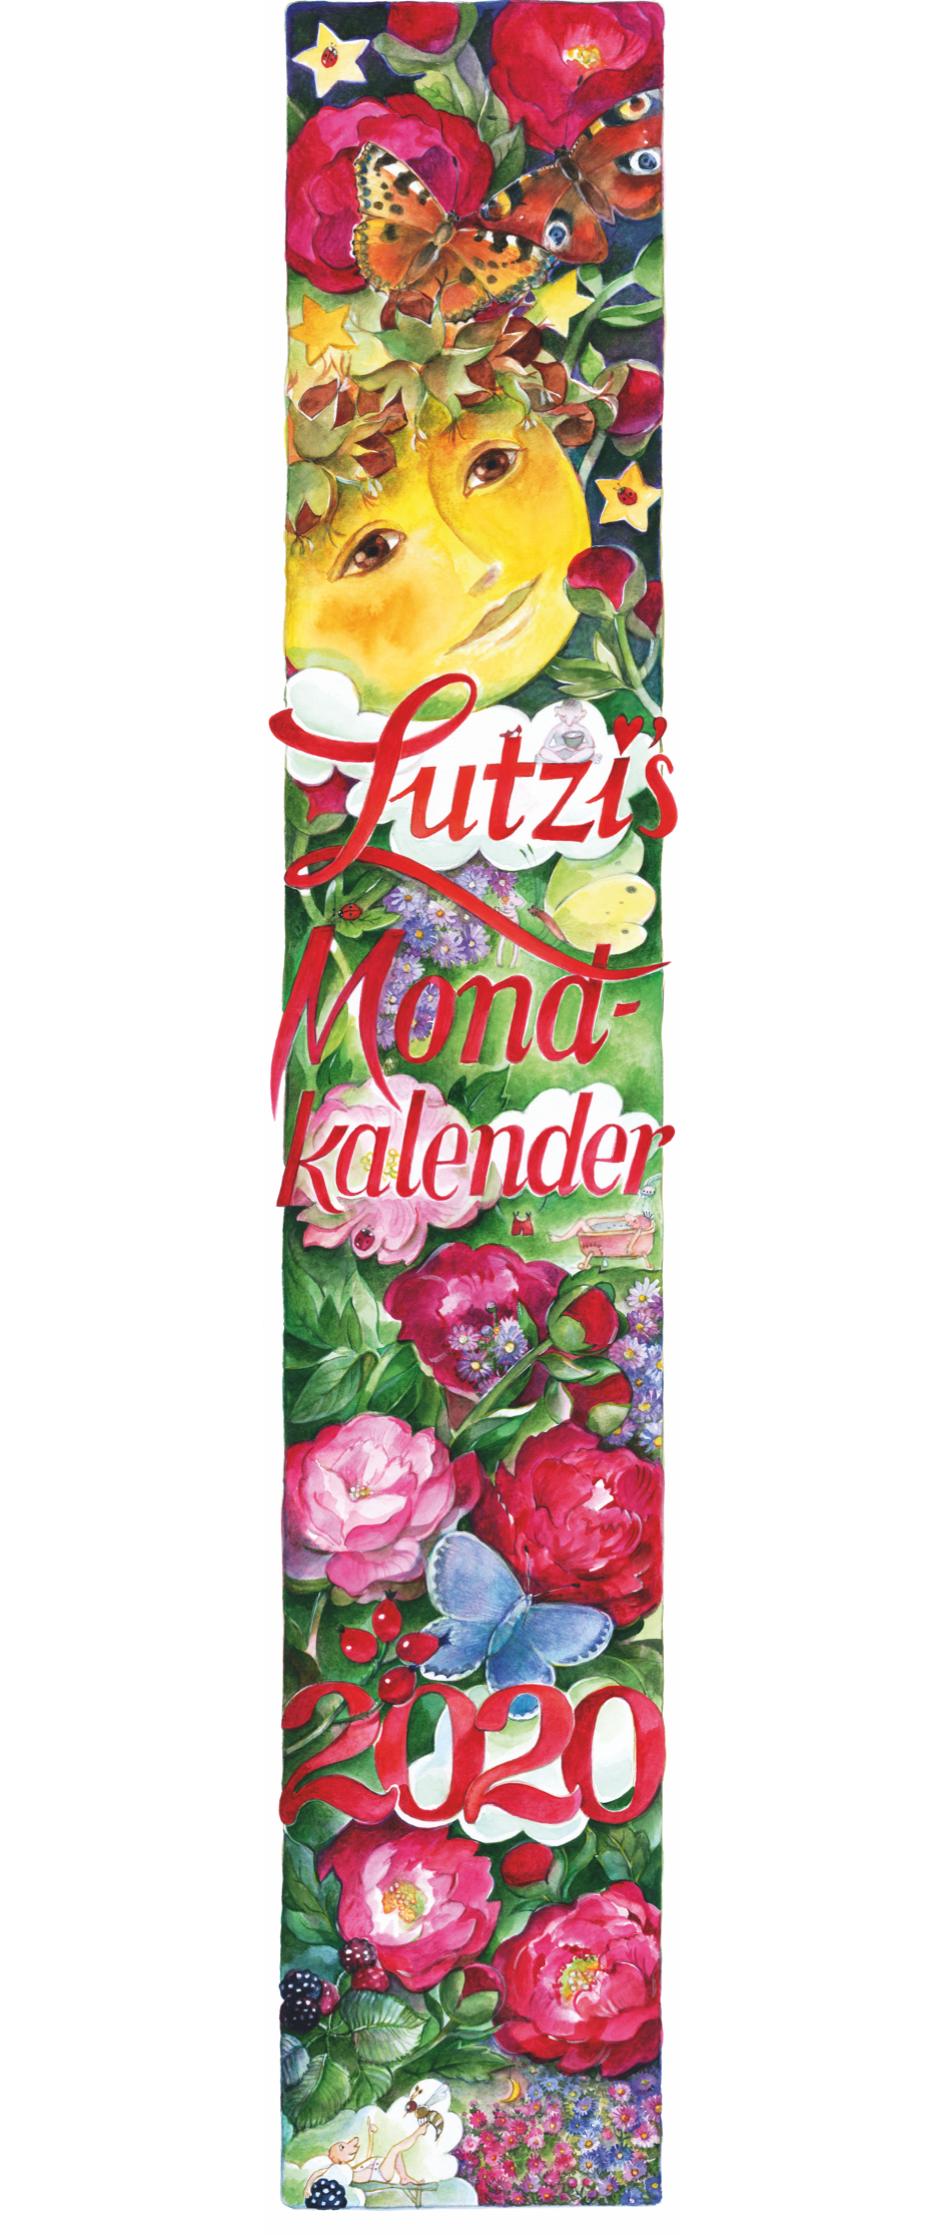 Lutzi's Mondkalender Lang 2020